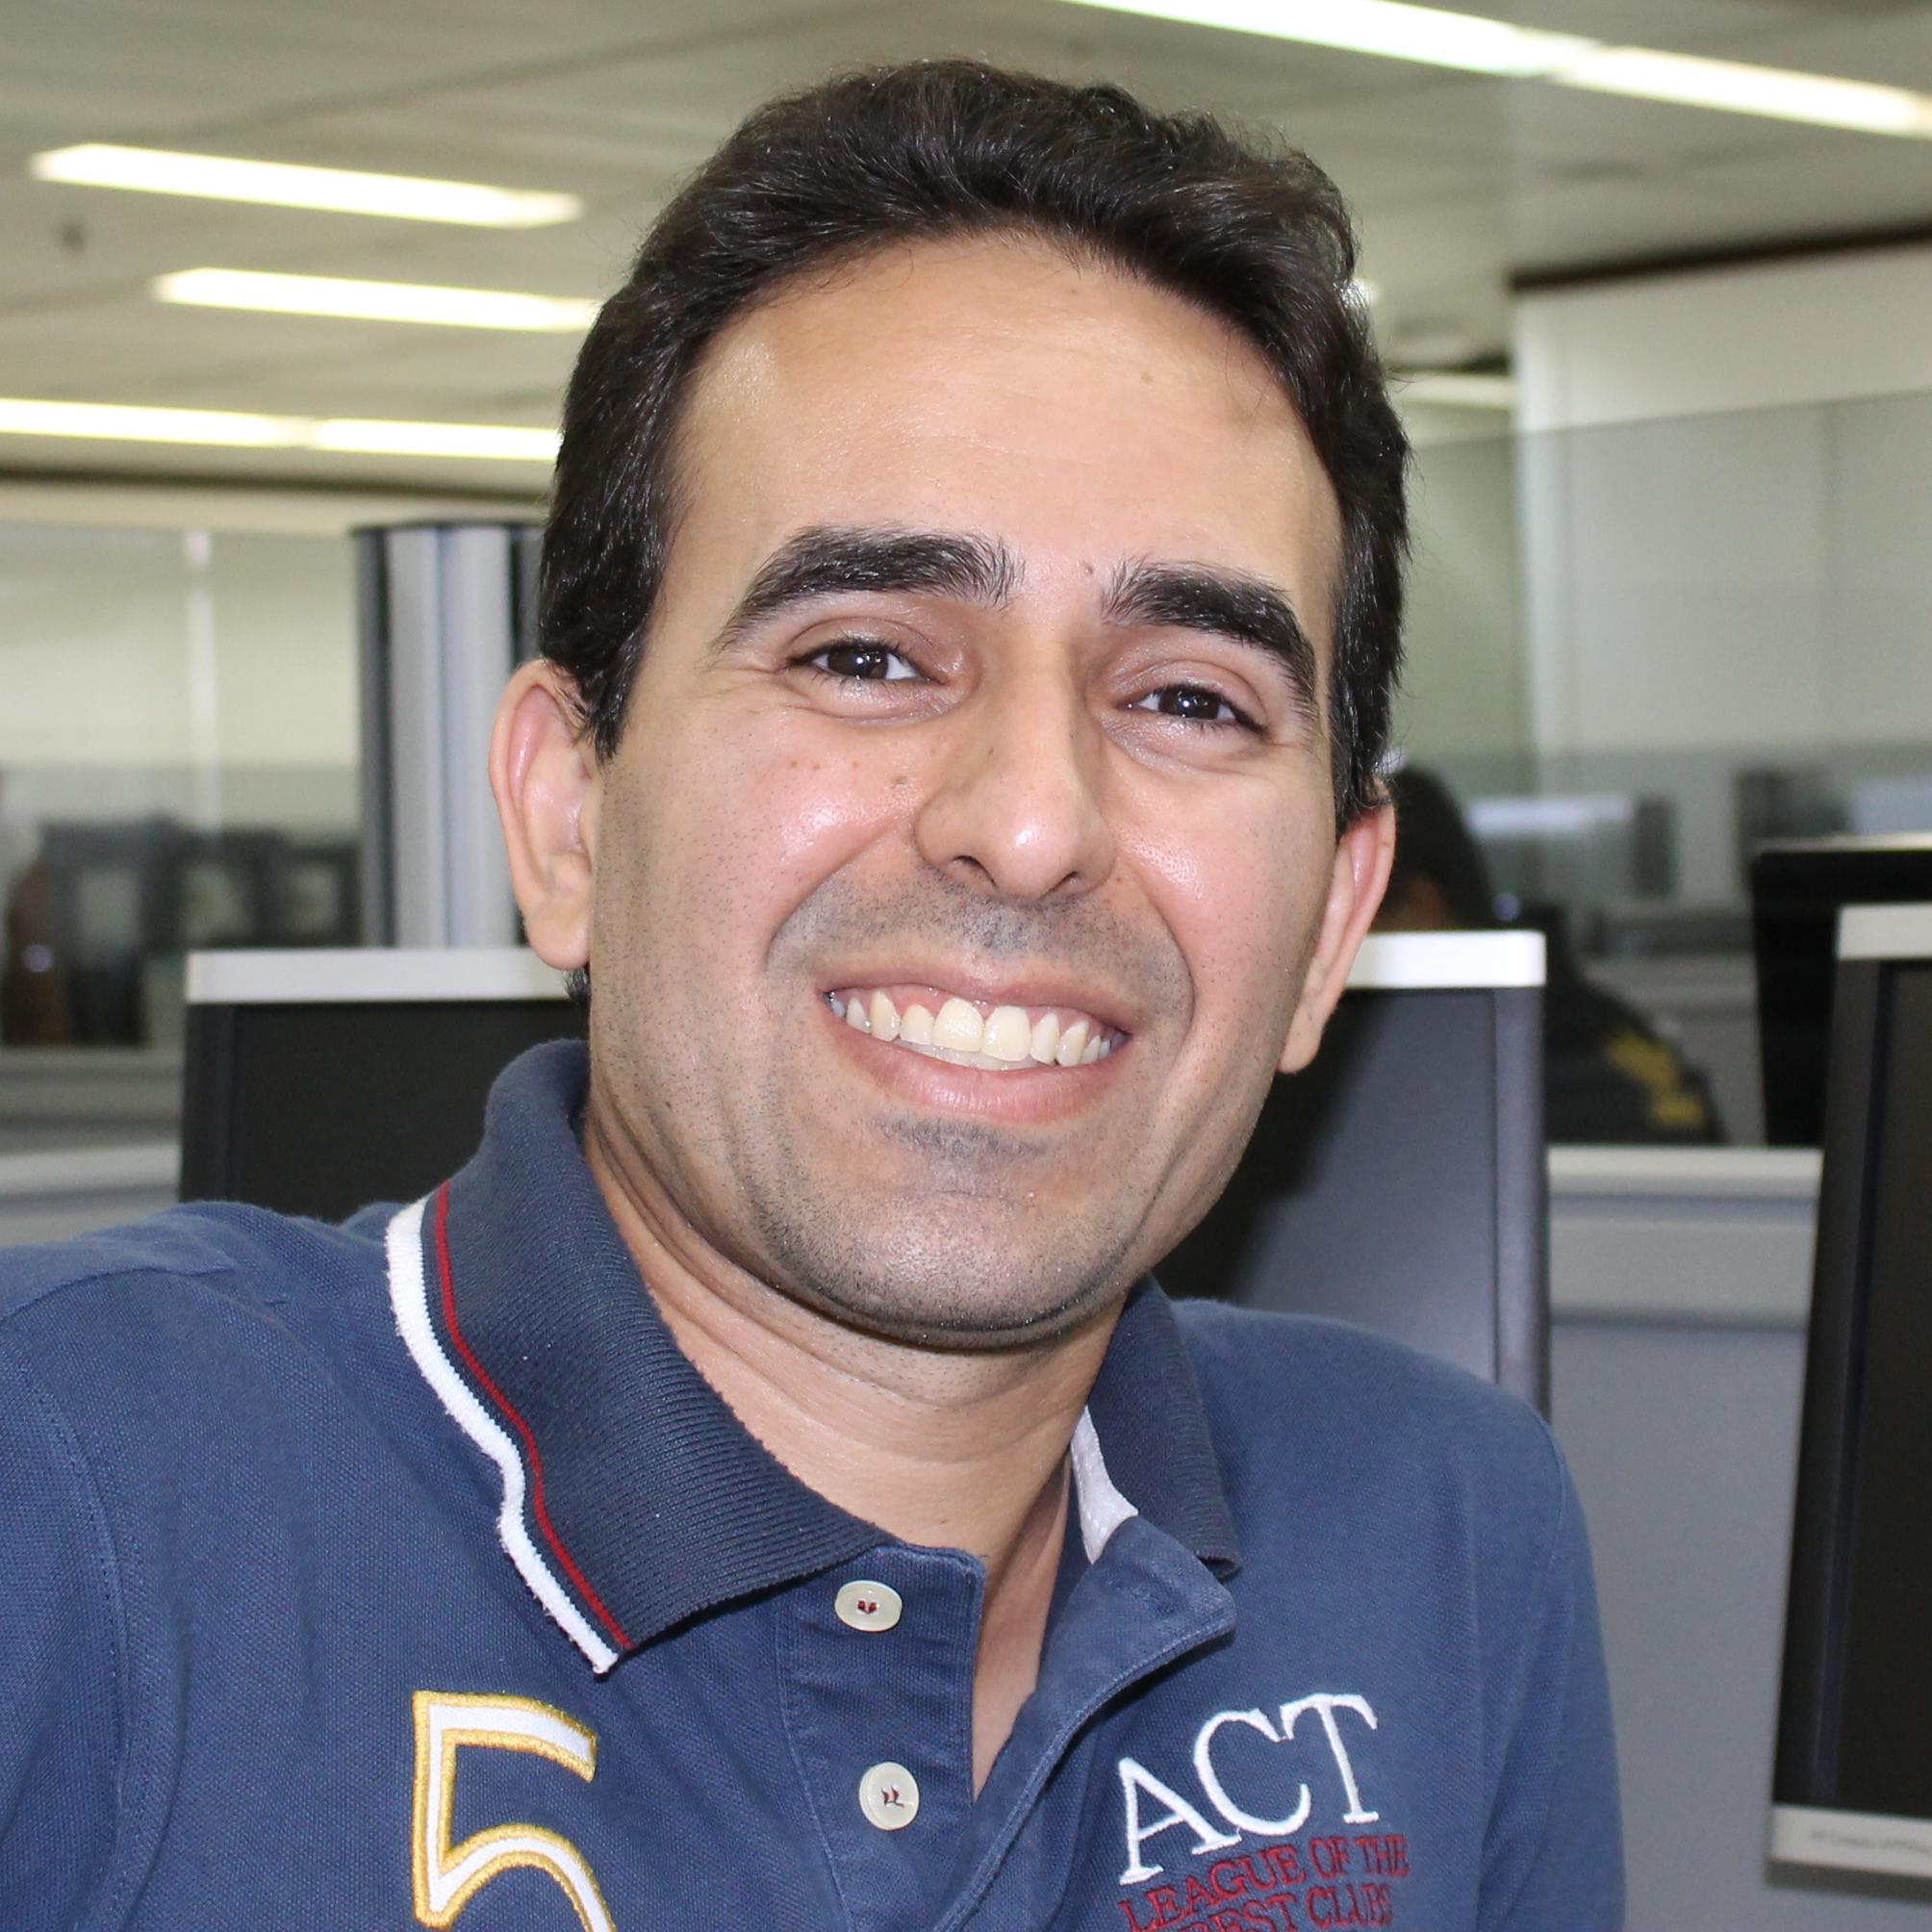 Halcyon Davys Pereira de Carvalho